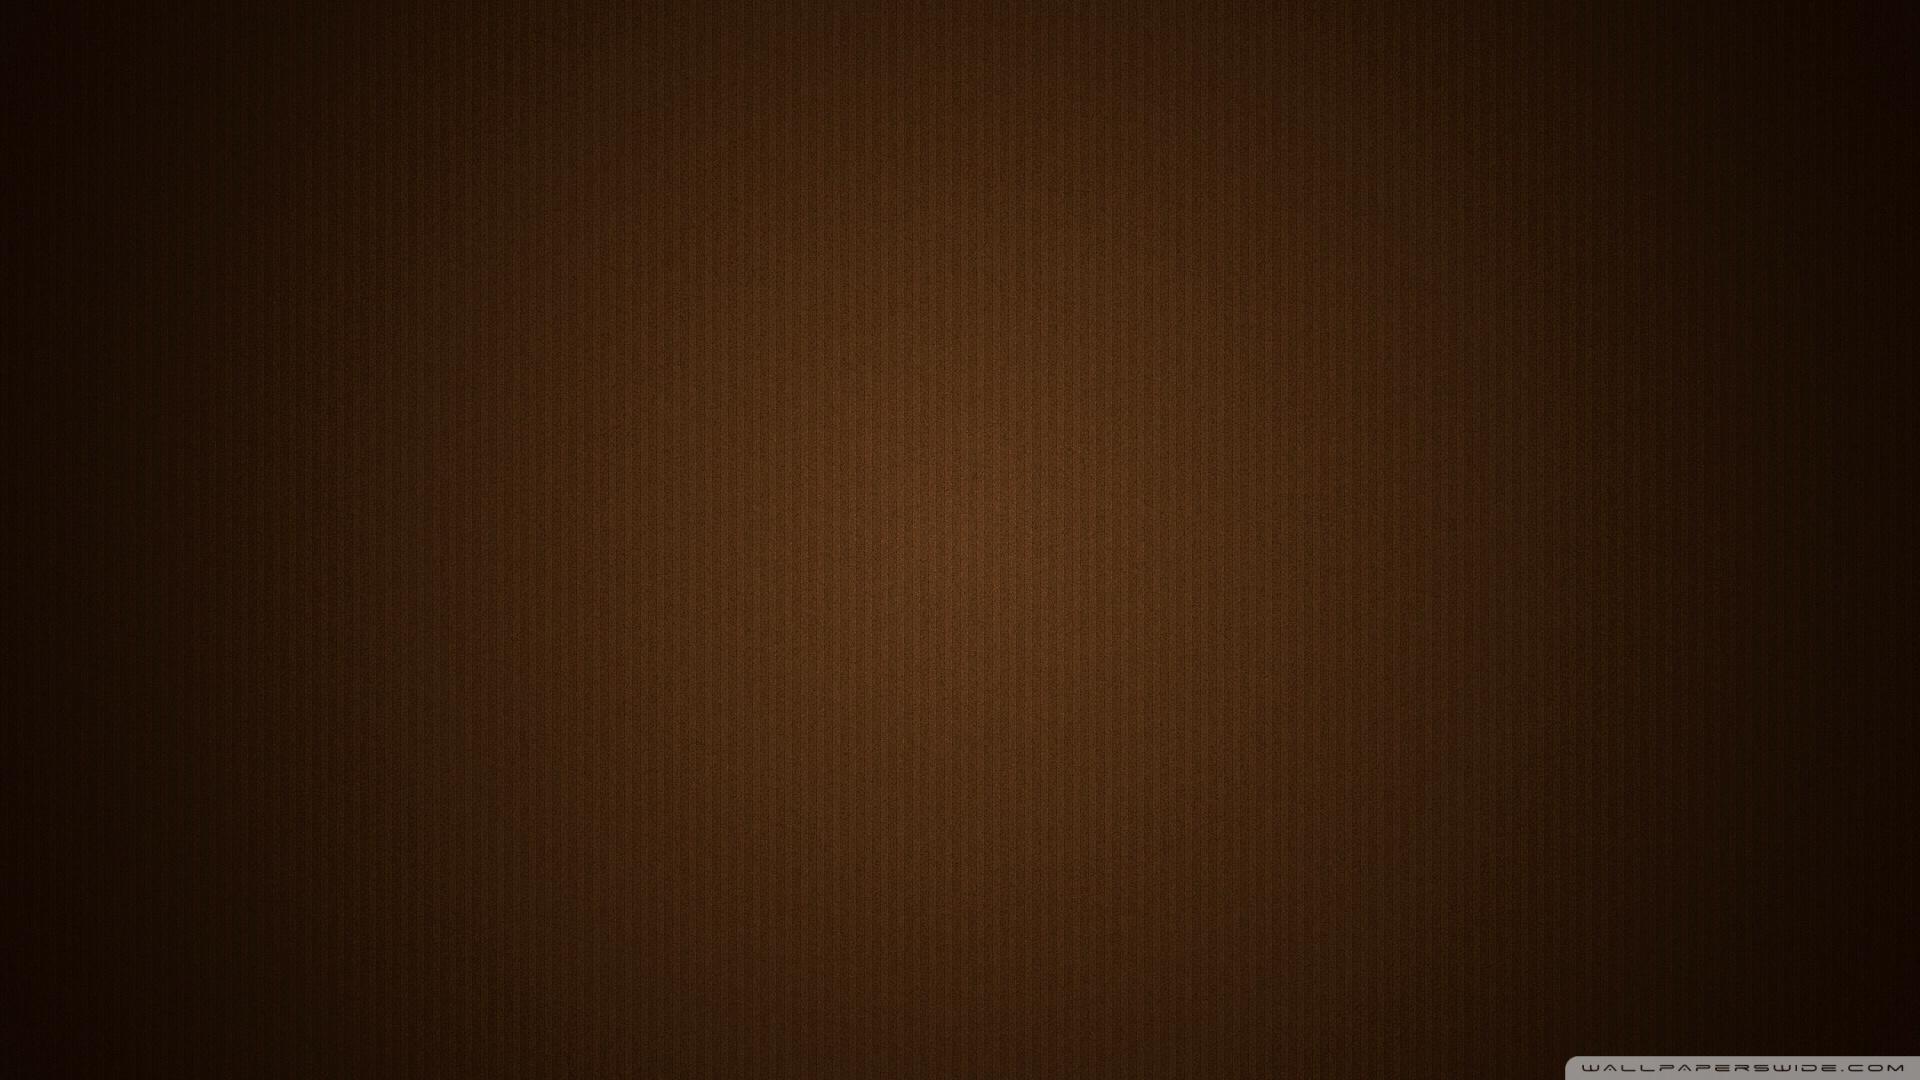 Brown Pattern Wallpaper 1920x1080 Brown Pattern 1920x1080